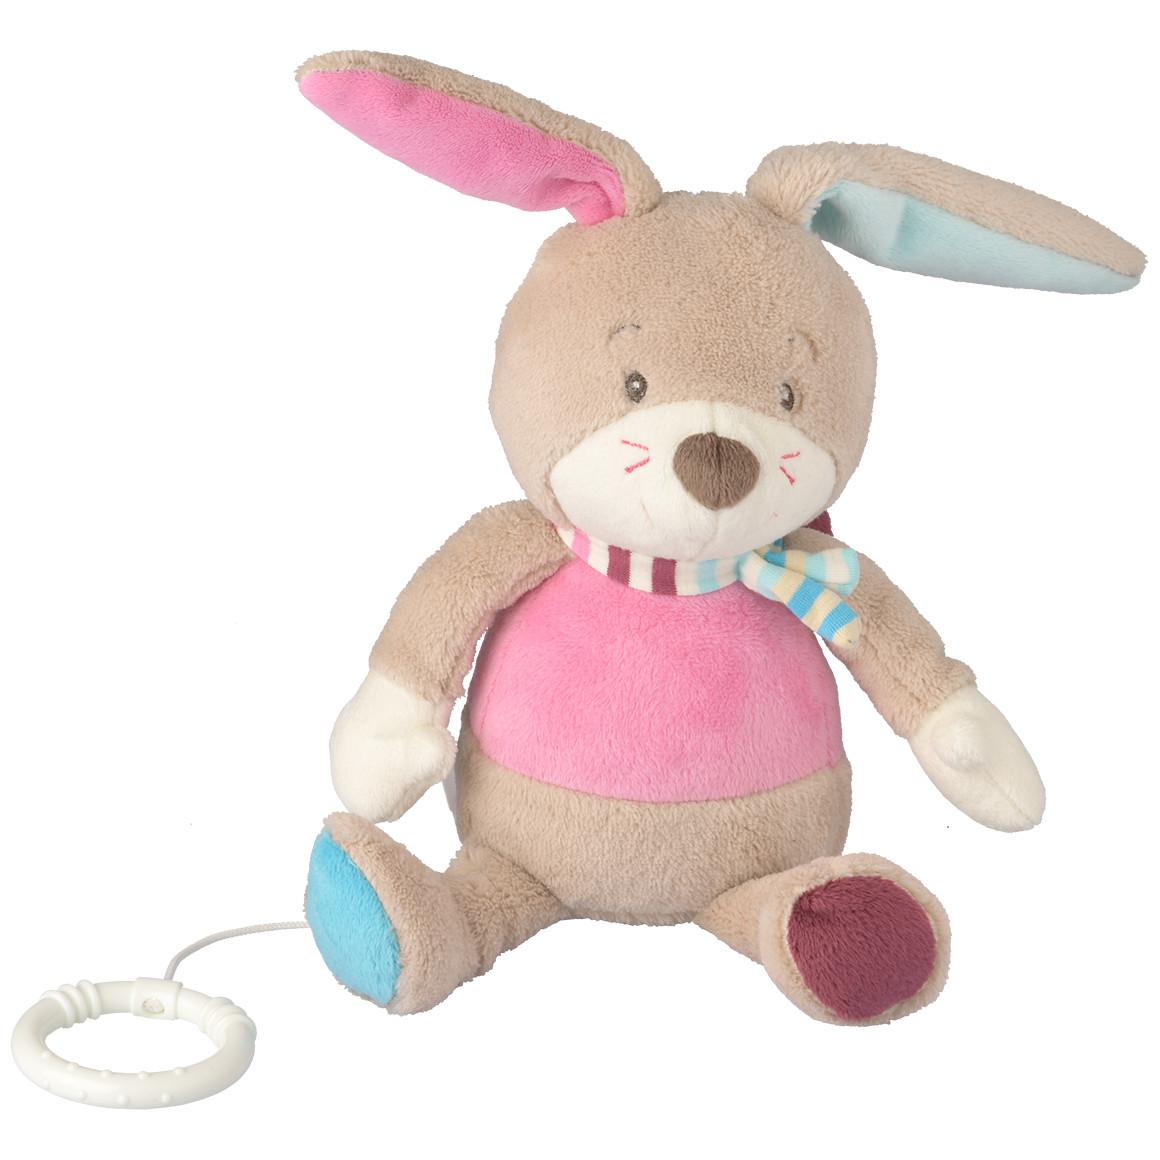 12  Vintage Toy-O-Rama Weiß Kaninchen Mutter & Baby Plüschtier Spielzeug Teddys